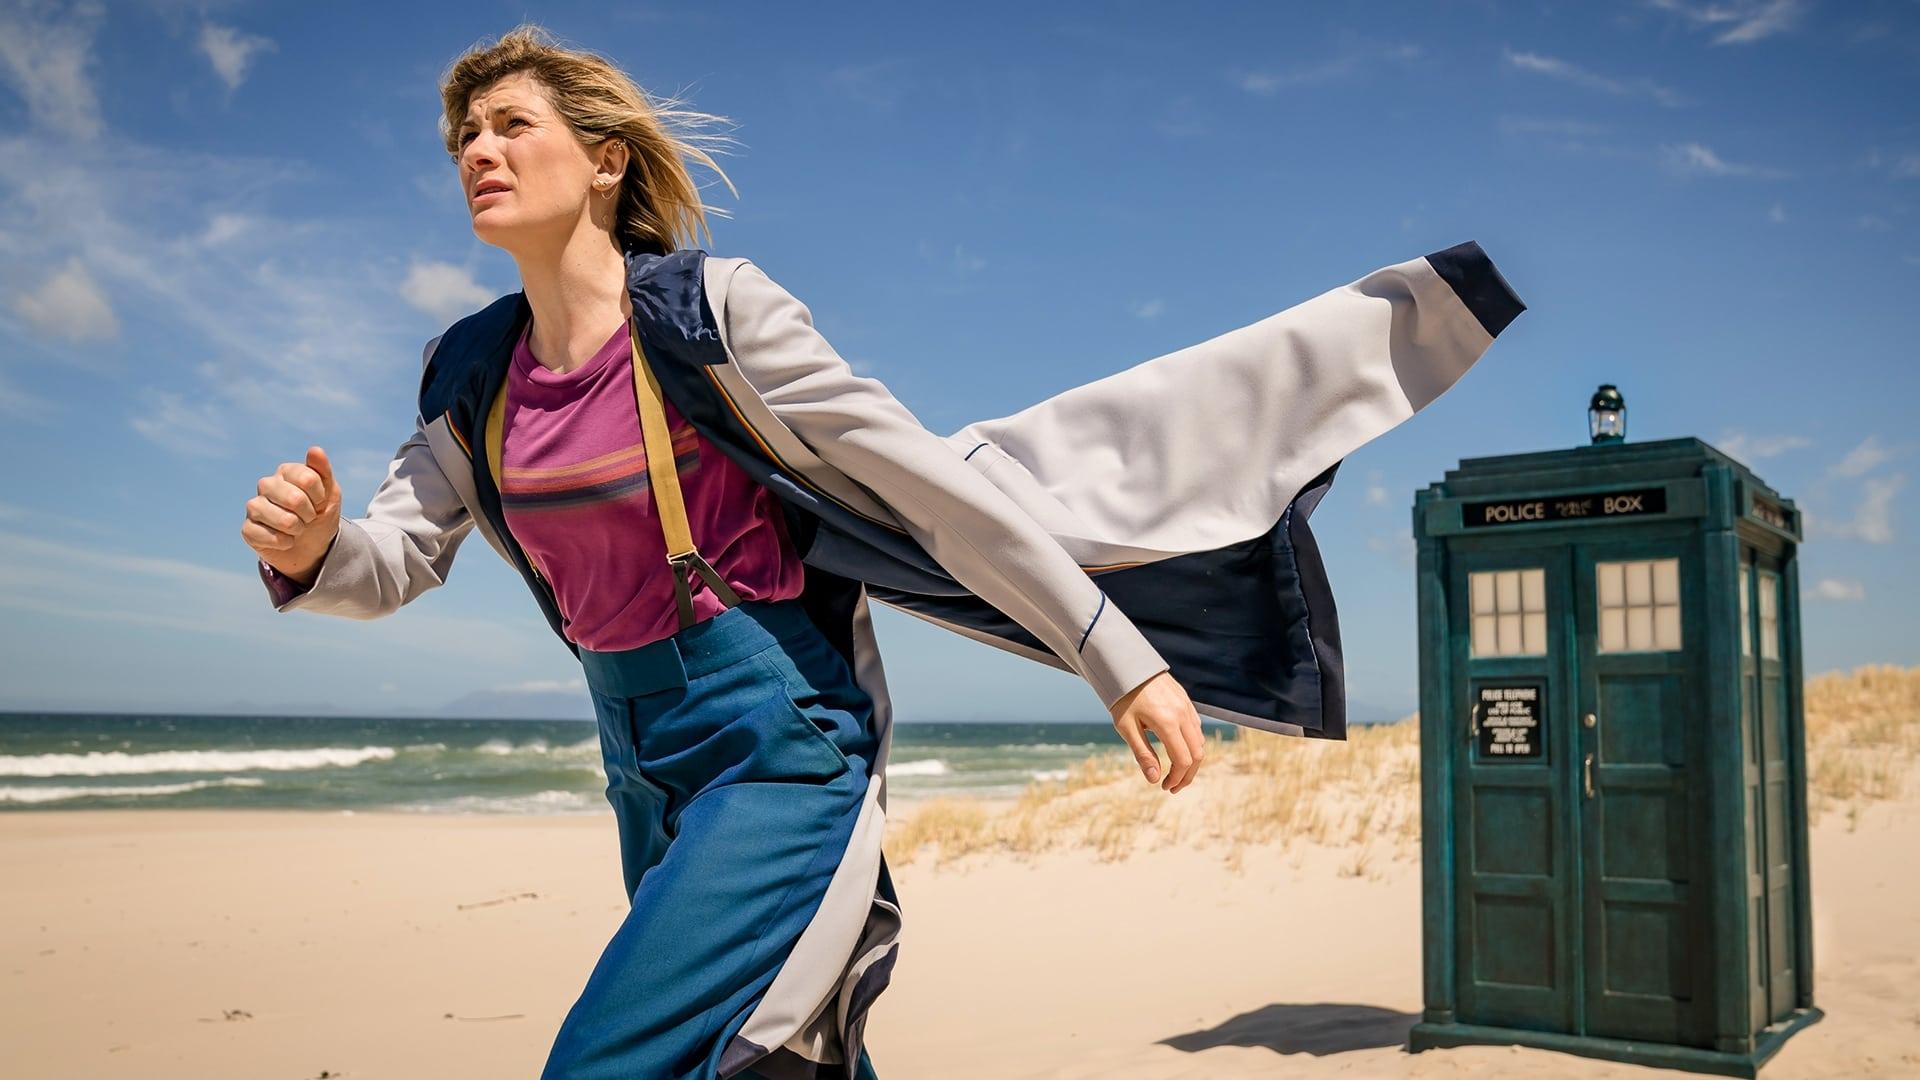 Doctor Who - Season 12 Episode 6 : Praxeus